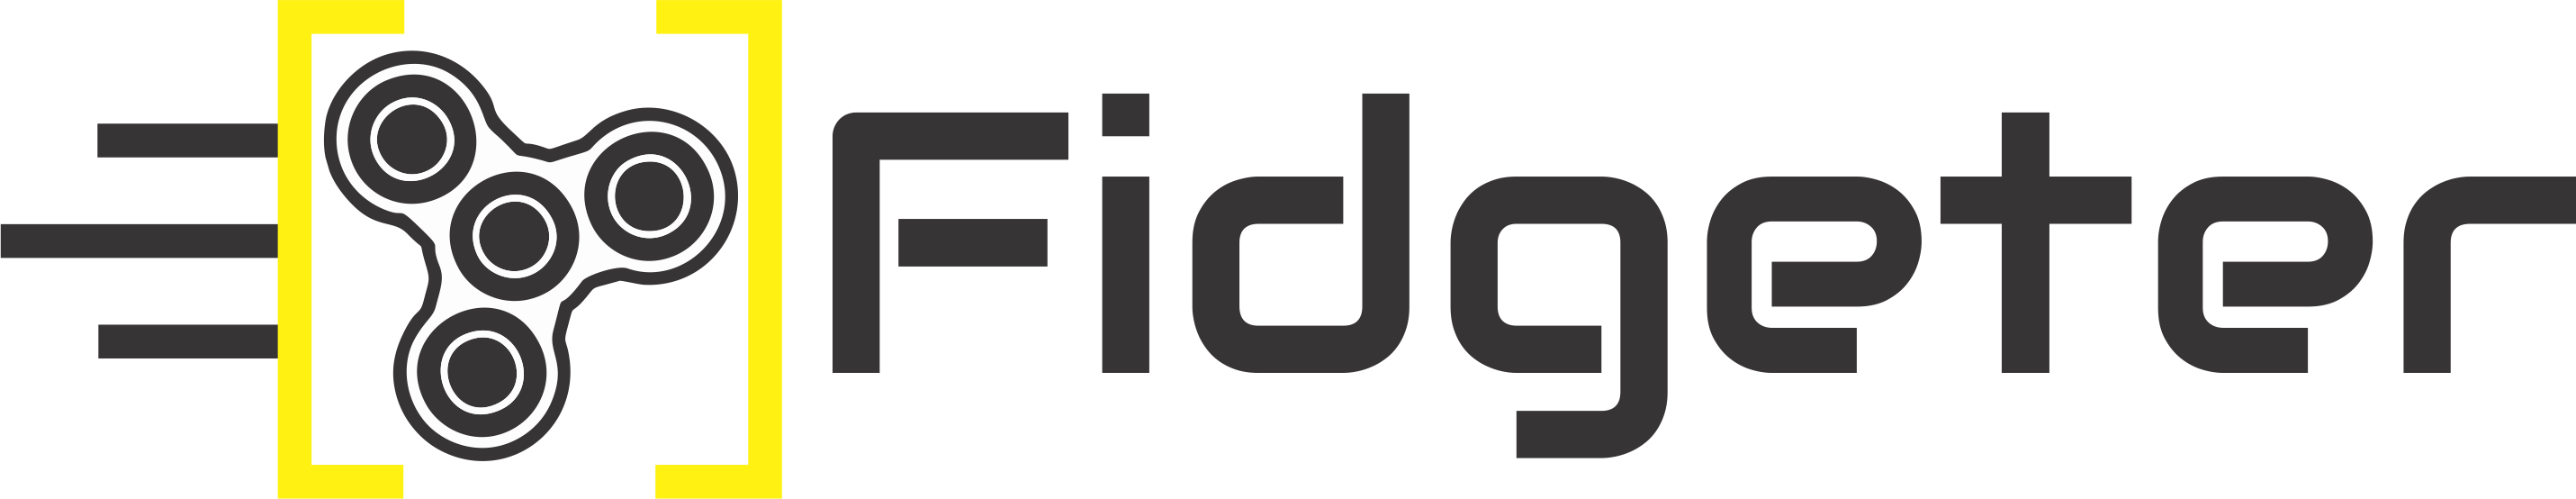 Fidgeter